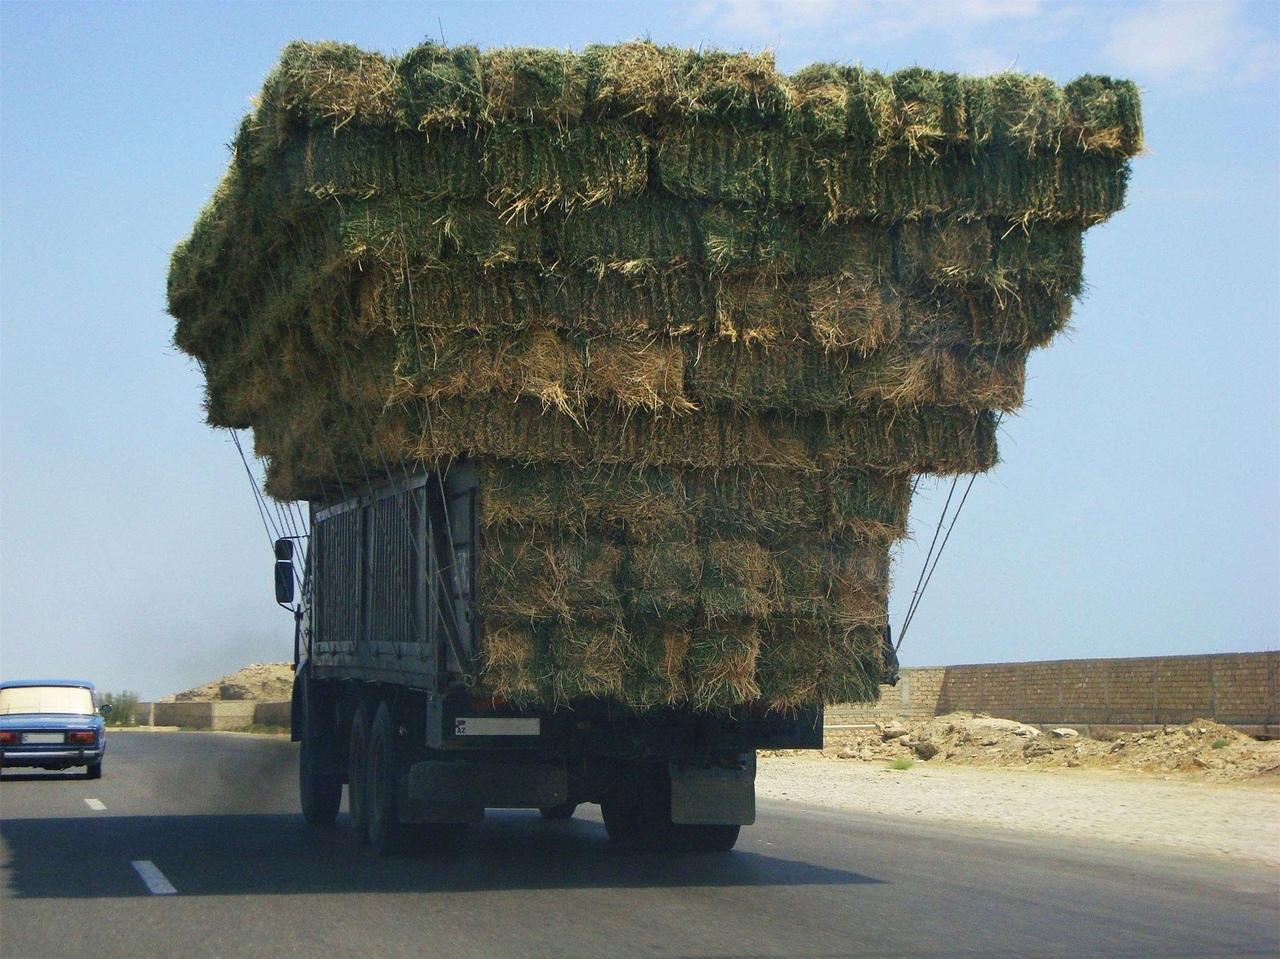 Датчики от перегруза на новых грузовиках